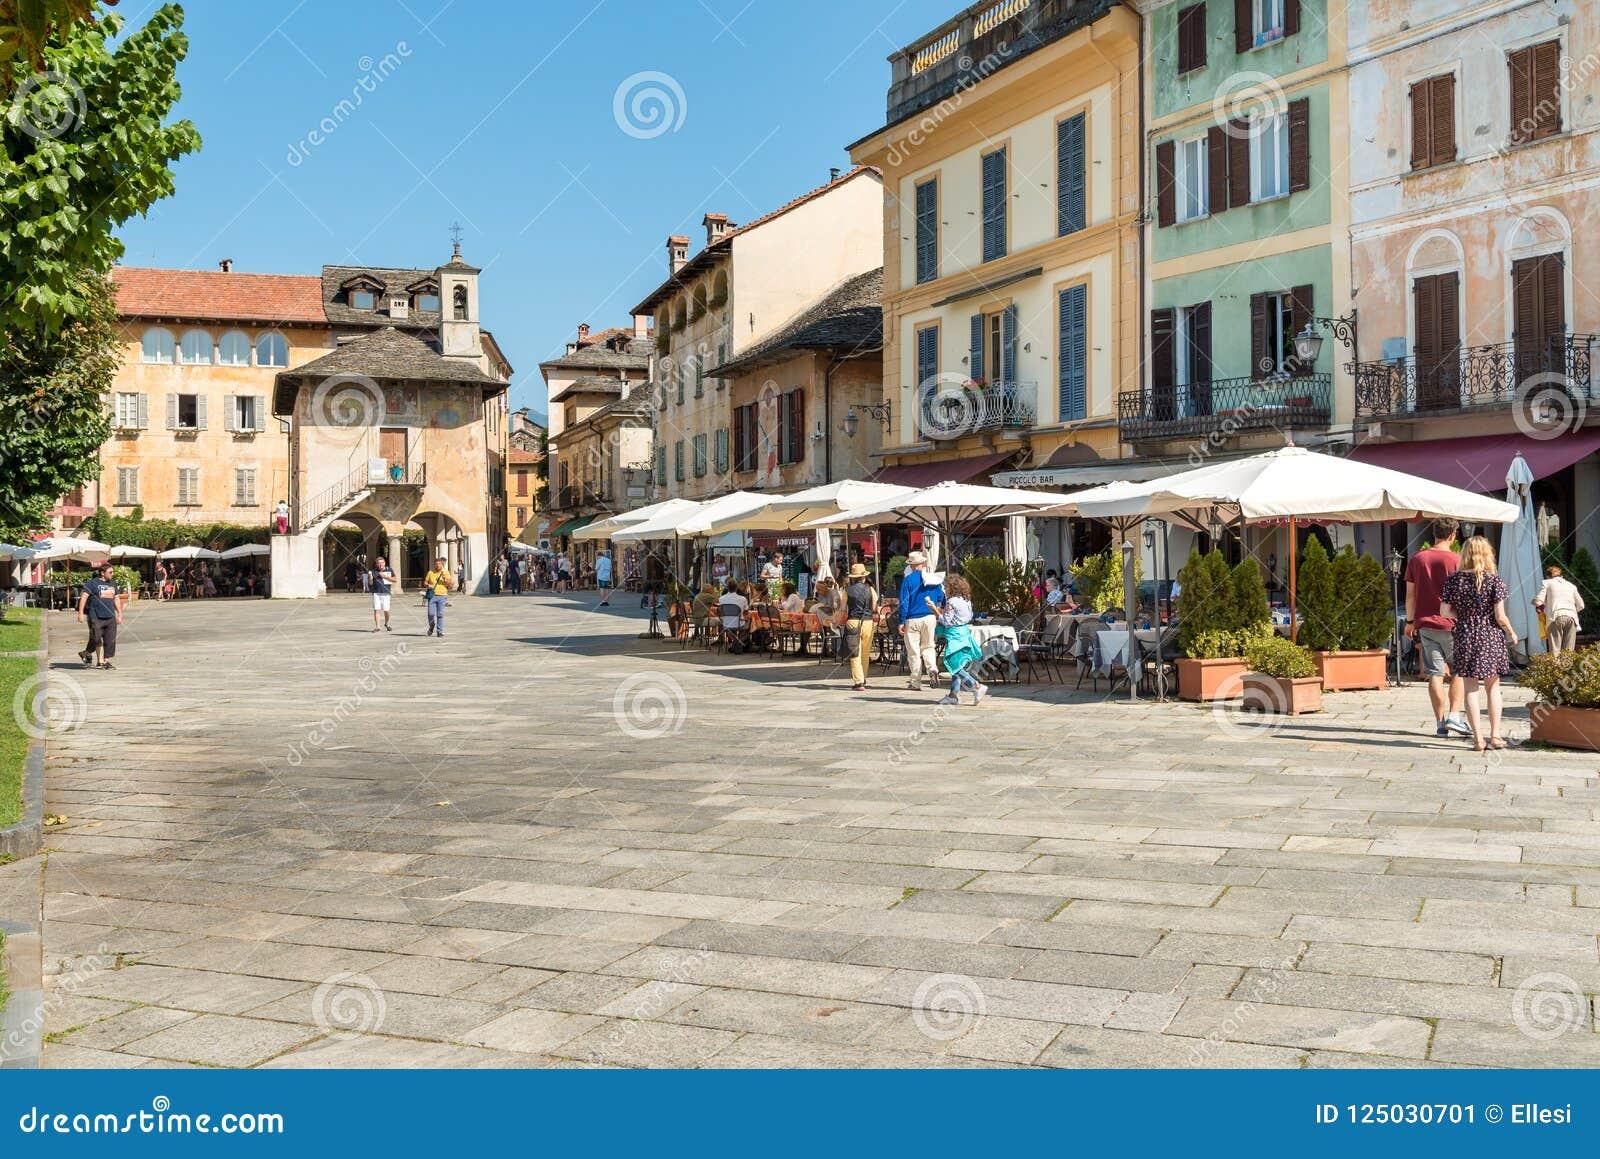 Orta San Giulio, Novara, Italien - 28. August 2018: Ansicht der historischen Mitte des alten Dorfs von Orta San Giulio, gelegen a